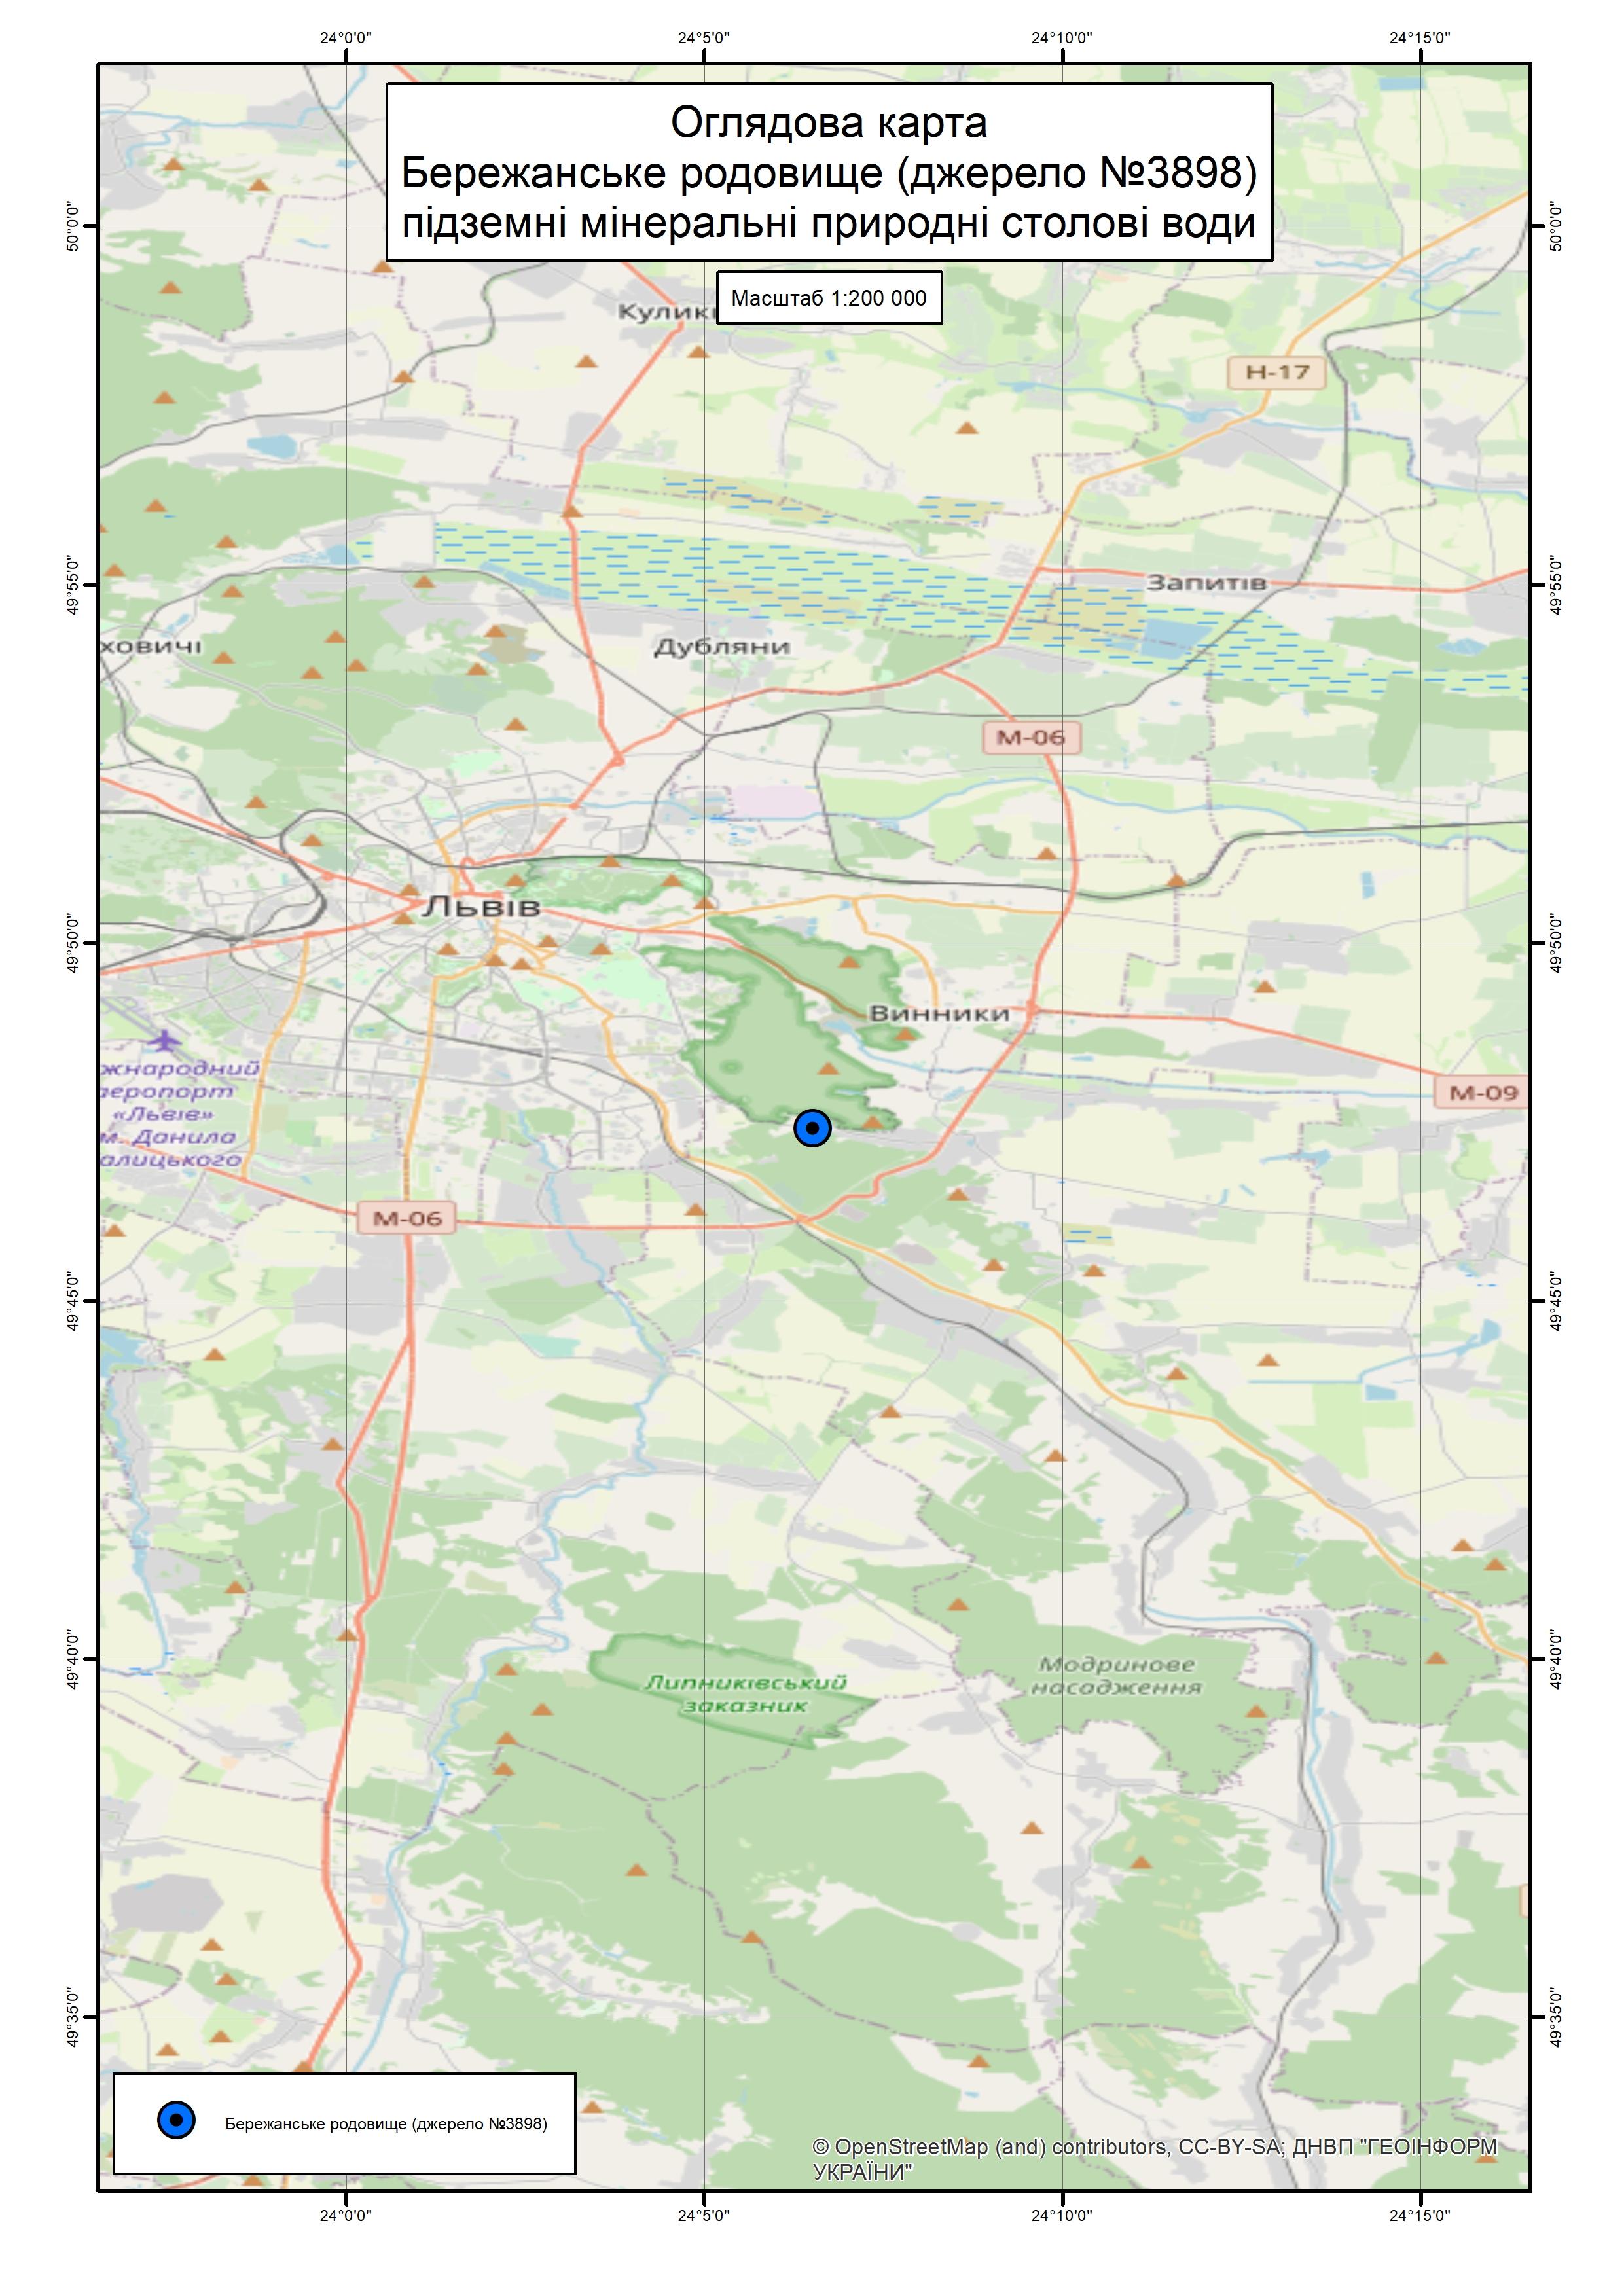 Спеціальний дозвіл на користування надрами – Бережанське родовище (джерело № 3898). Вартість геологічної інформації – 74 036,33 грн (з ПДВ). Вартість пакету аукціонної документації – 72 550 грн (з ПДВ).